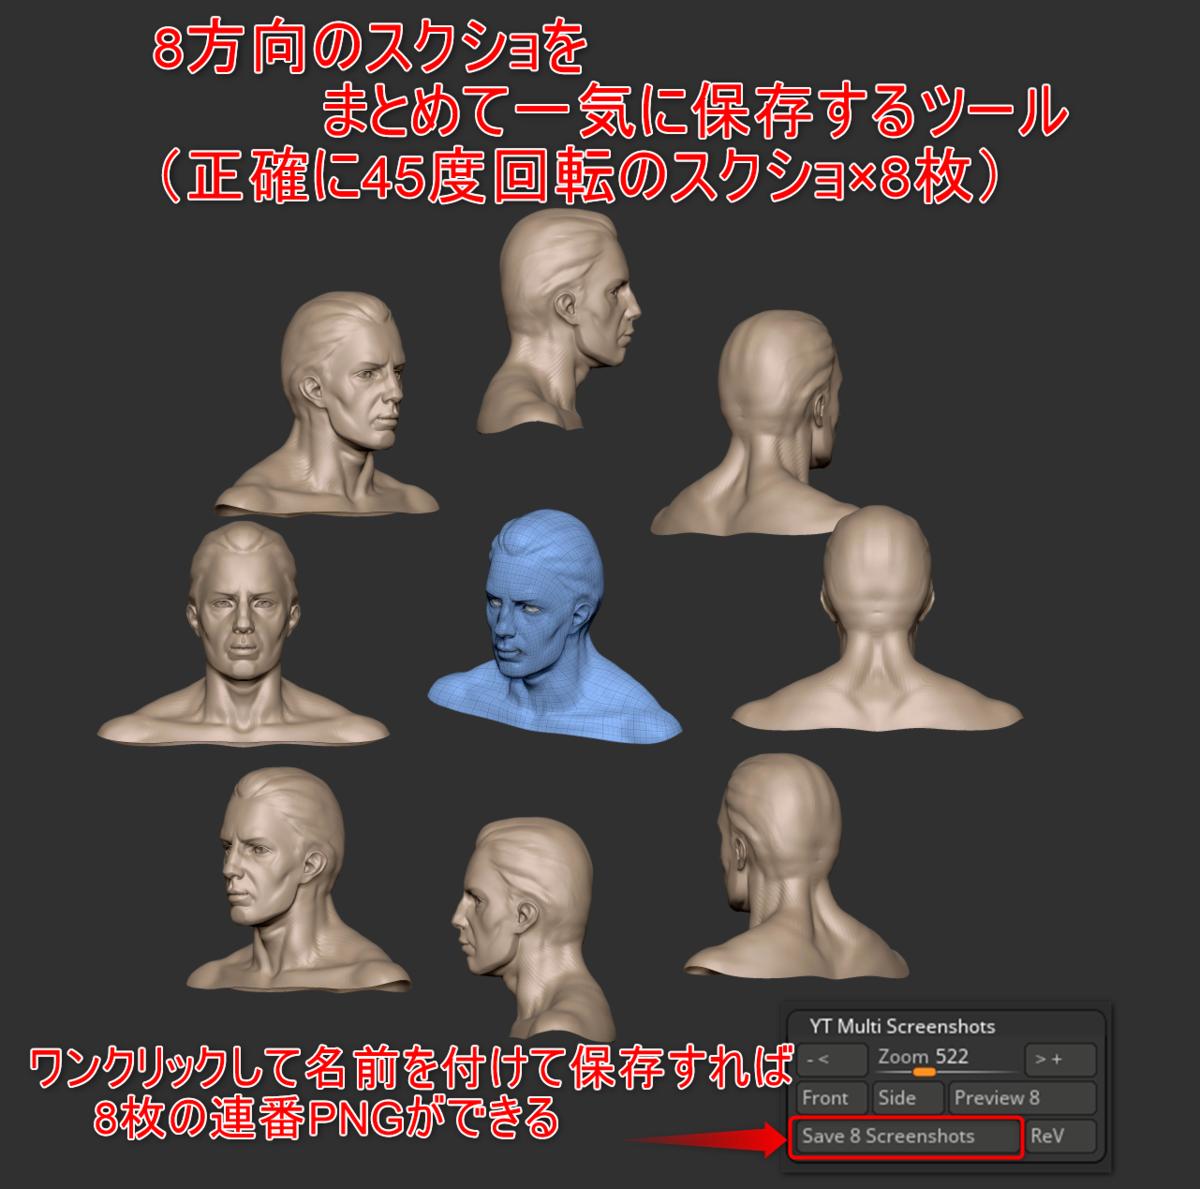 f:id:yamato-tsukasa:20190424014135p:plain